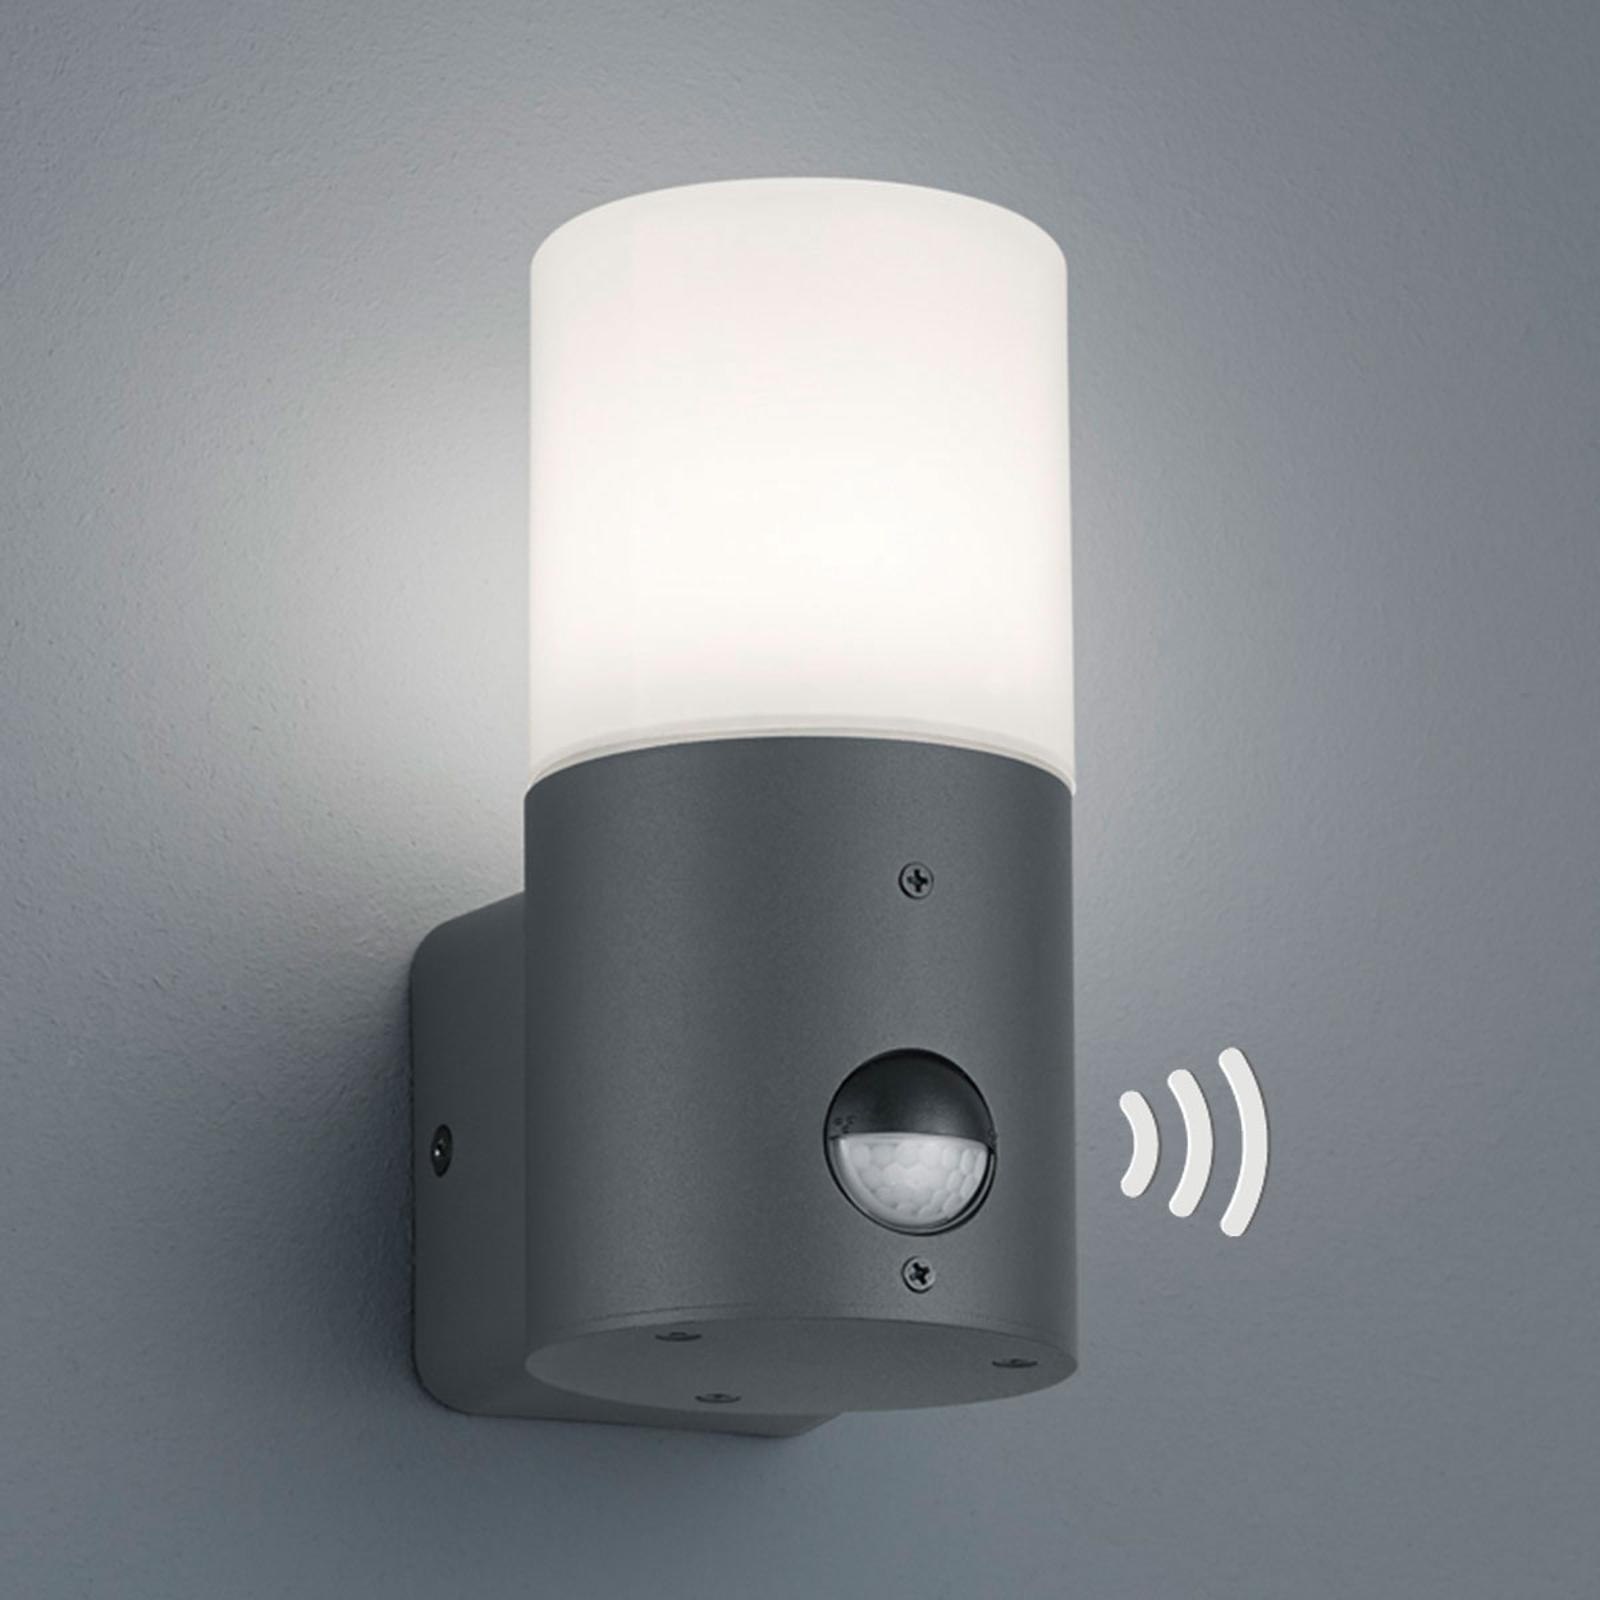 Kleine buitenwandlamp Hoosic met bewegingsmelder